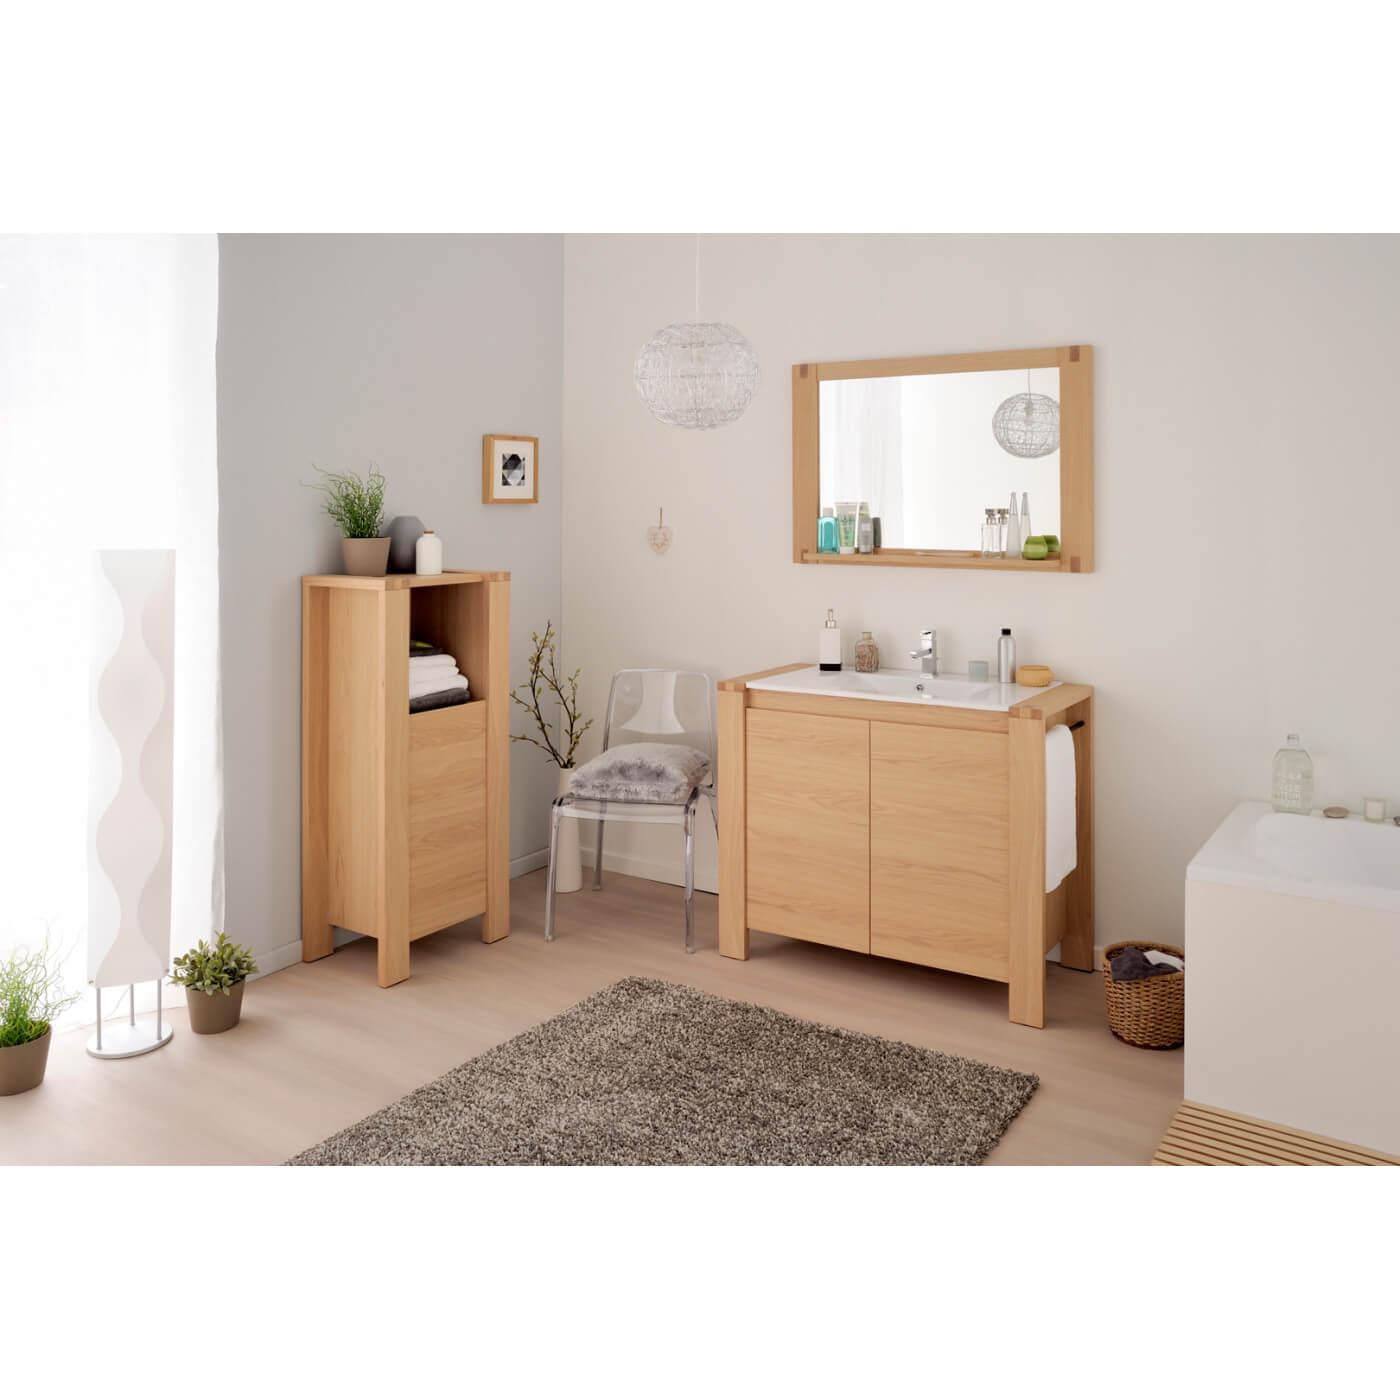 Meuble bas de salle de bain contemporain ch ne nature yelda matelpro - Meuble de salle de bain contemporain ...